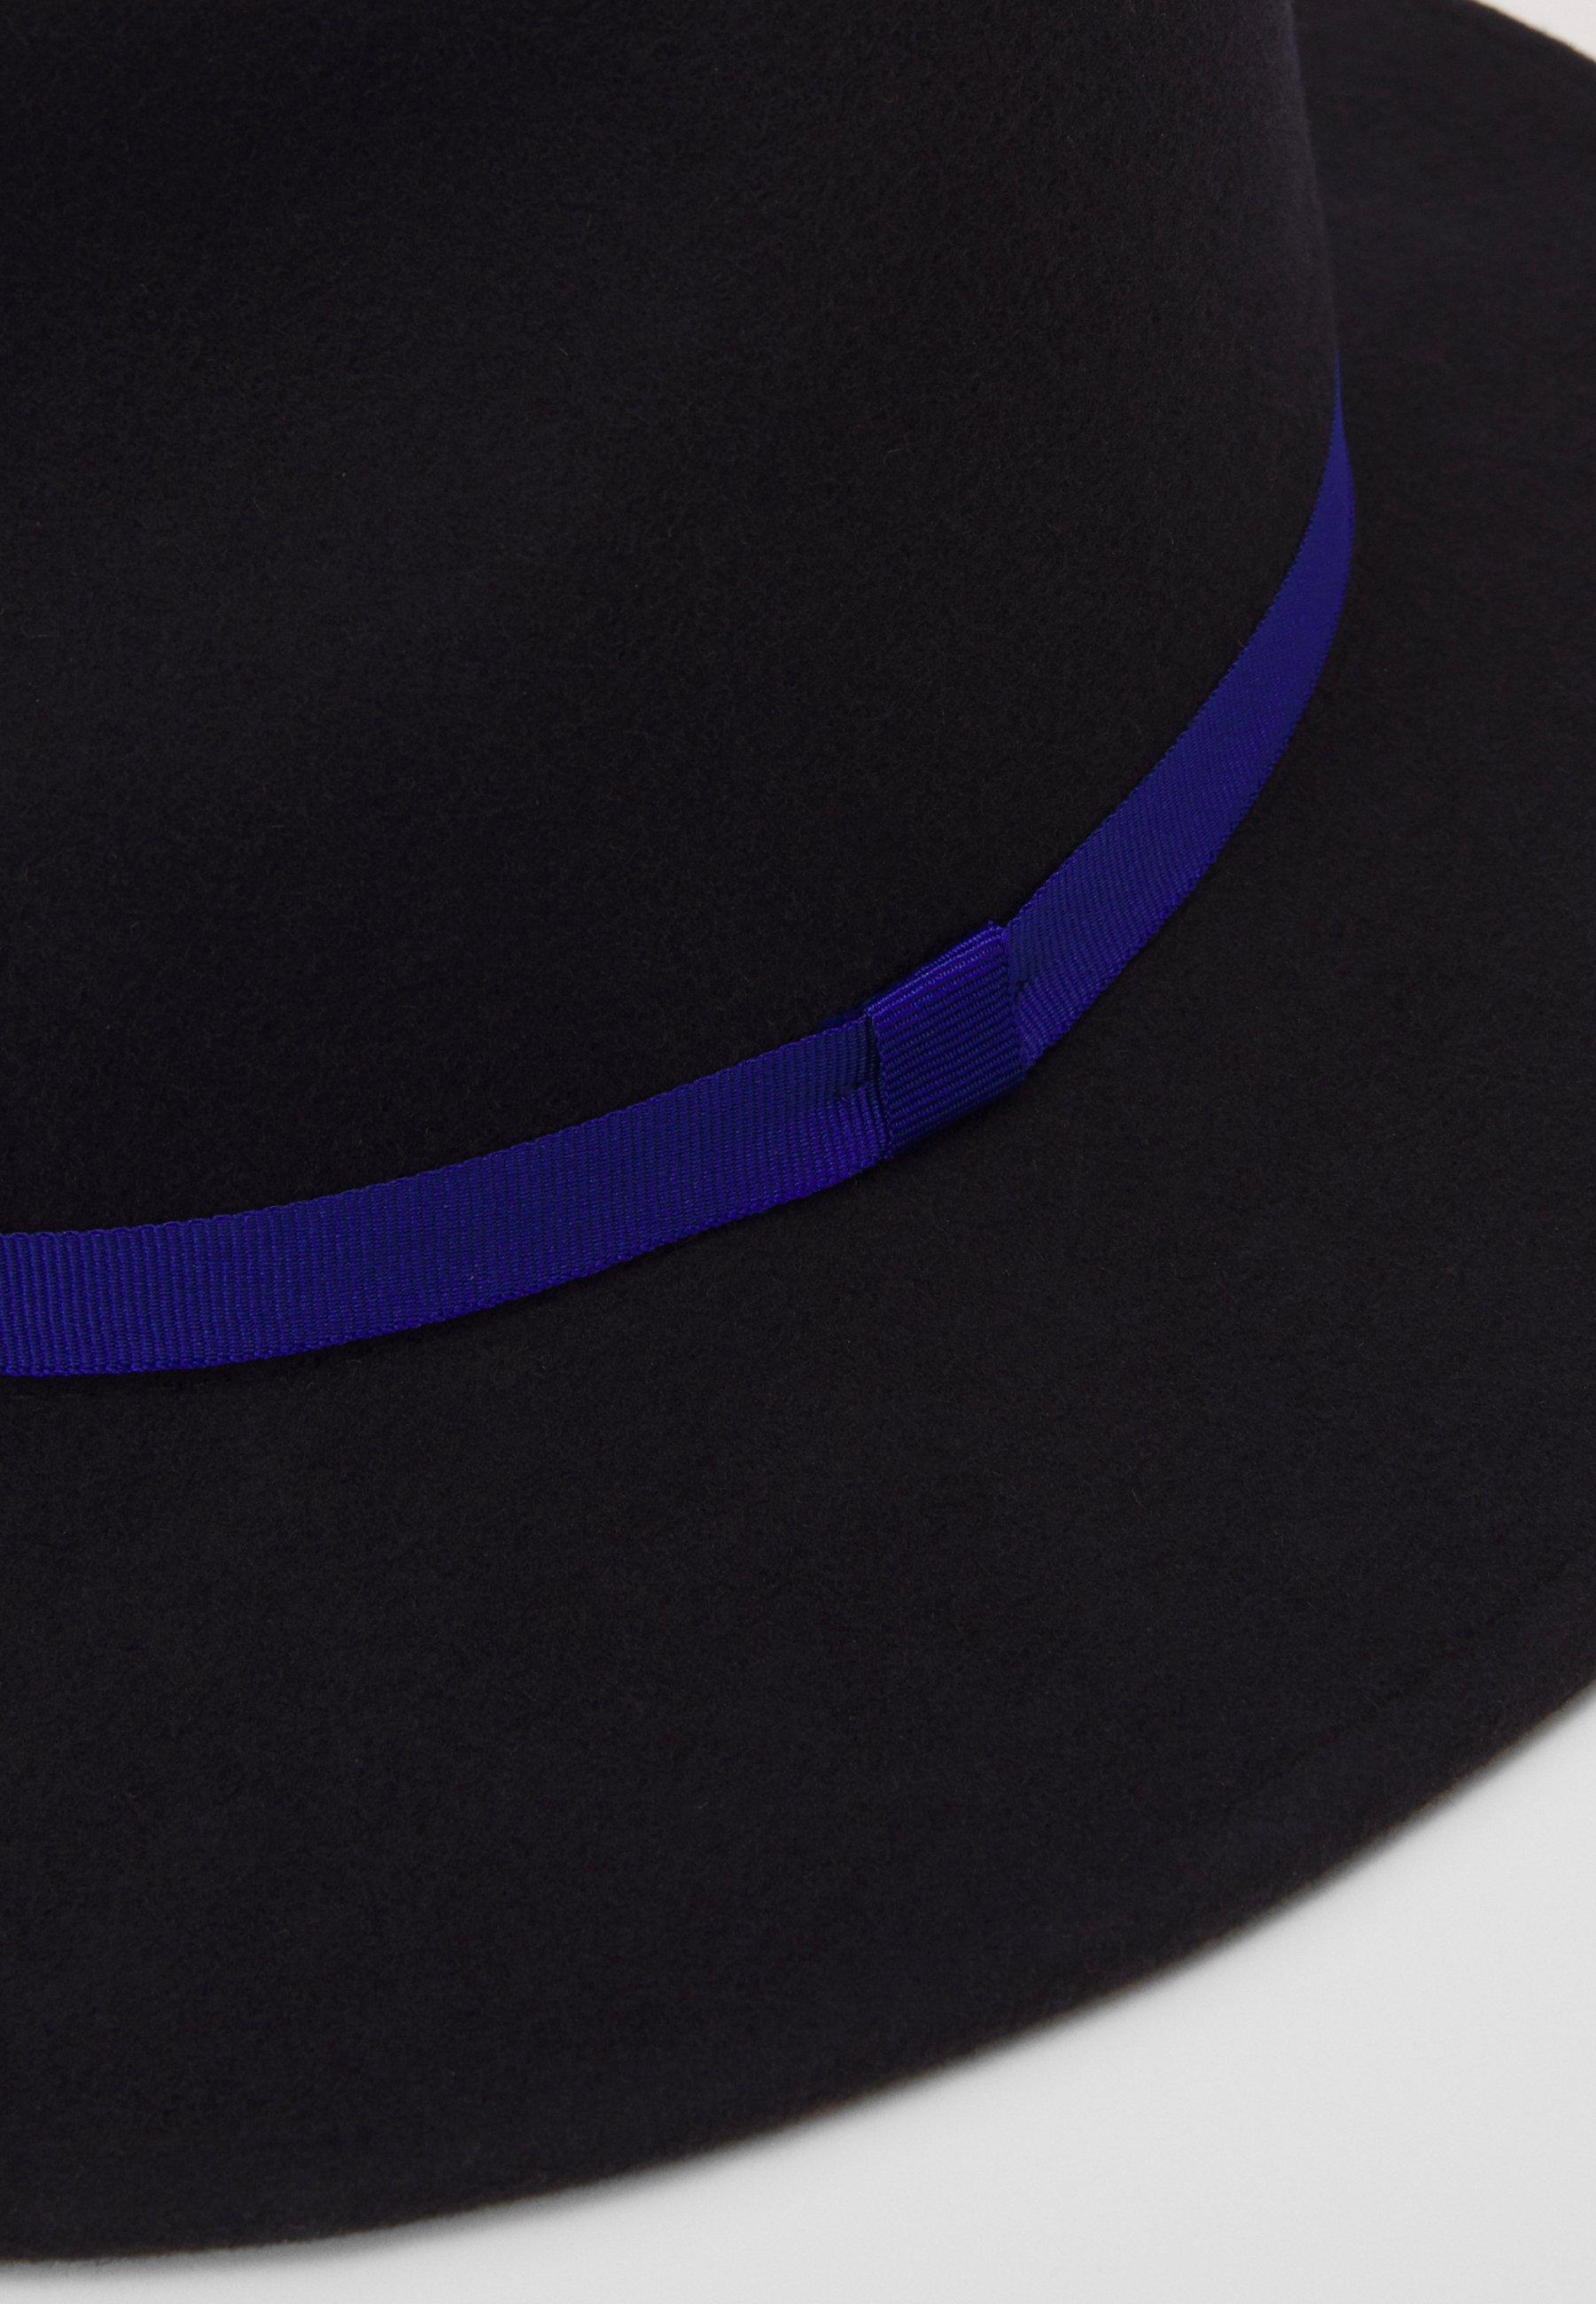 Paul Smith WOMEN HAT LINOCUT FEDORA - Hatt - navy/mørkeblå 1HrCD6IhvqVTUXQ